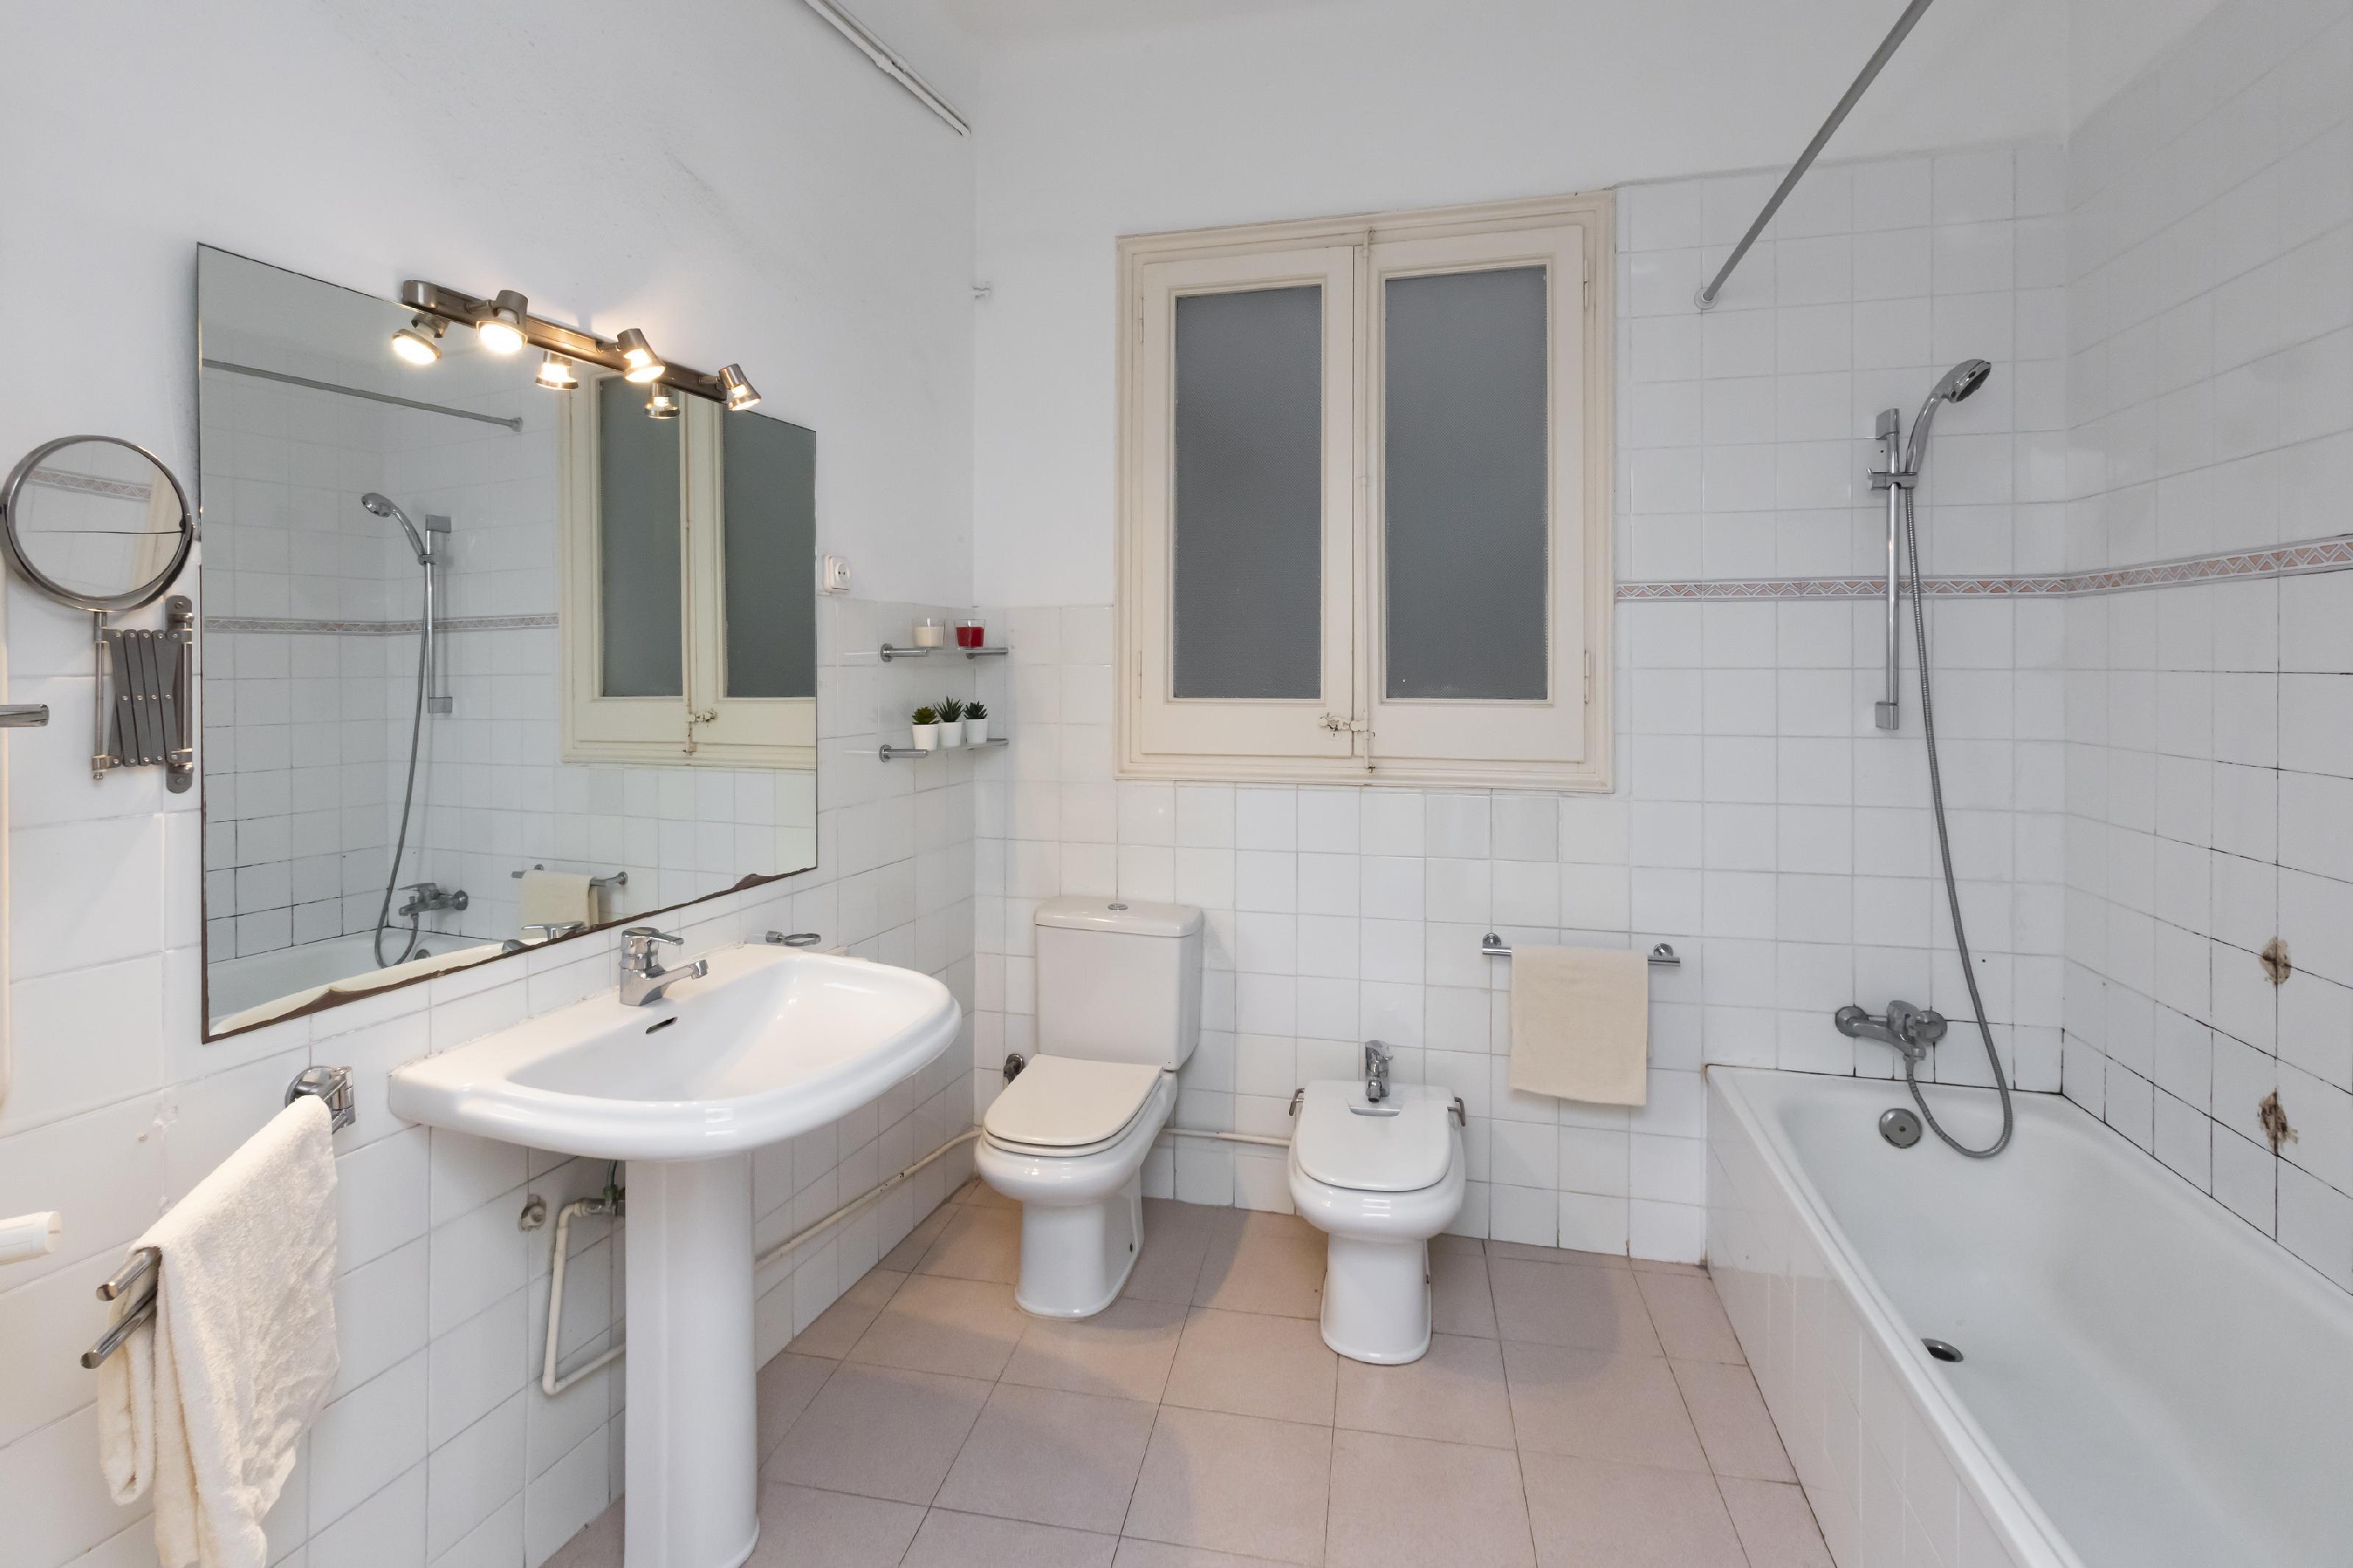 248888 Flat for sale in Sarrià-Sant Gervasi, St. Gervasi-Bonanova 22